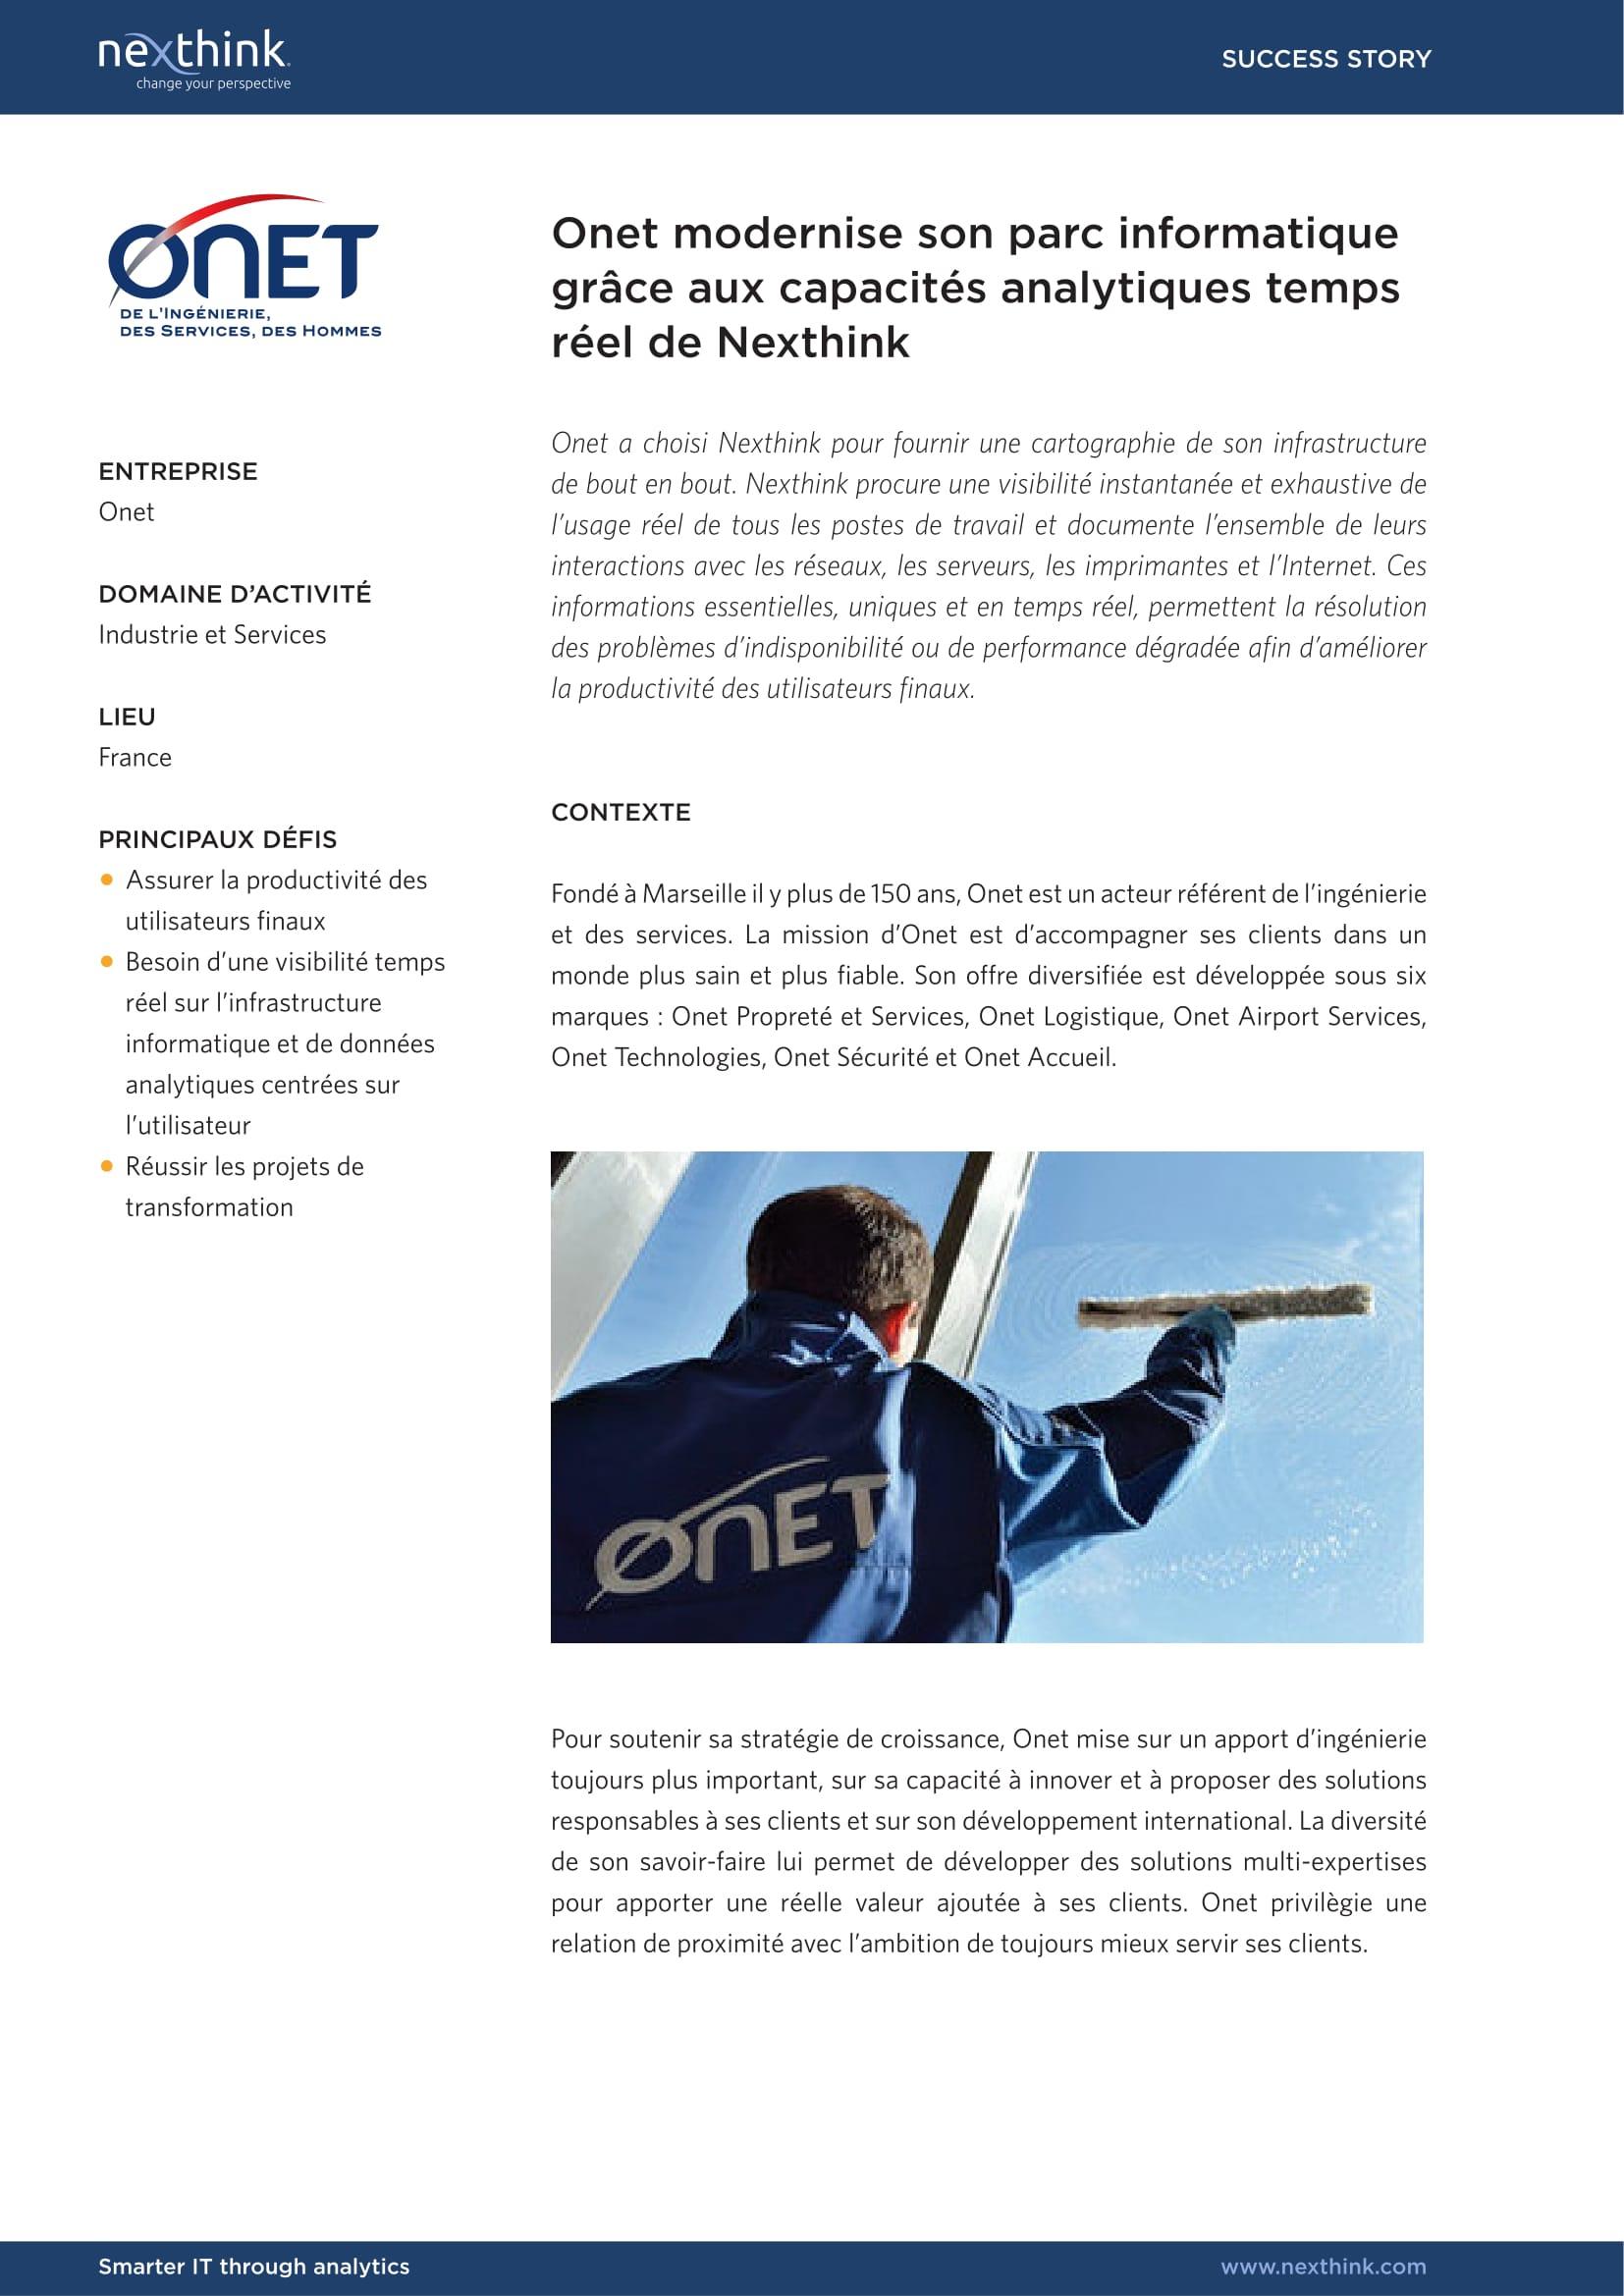 Onet modernise son parc informatique grâce aux capacités analytiques en temps réel de Nexthink